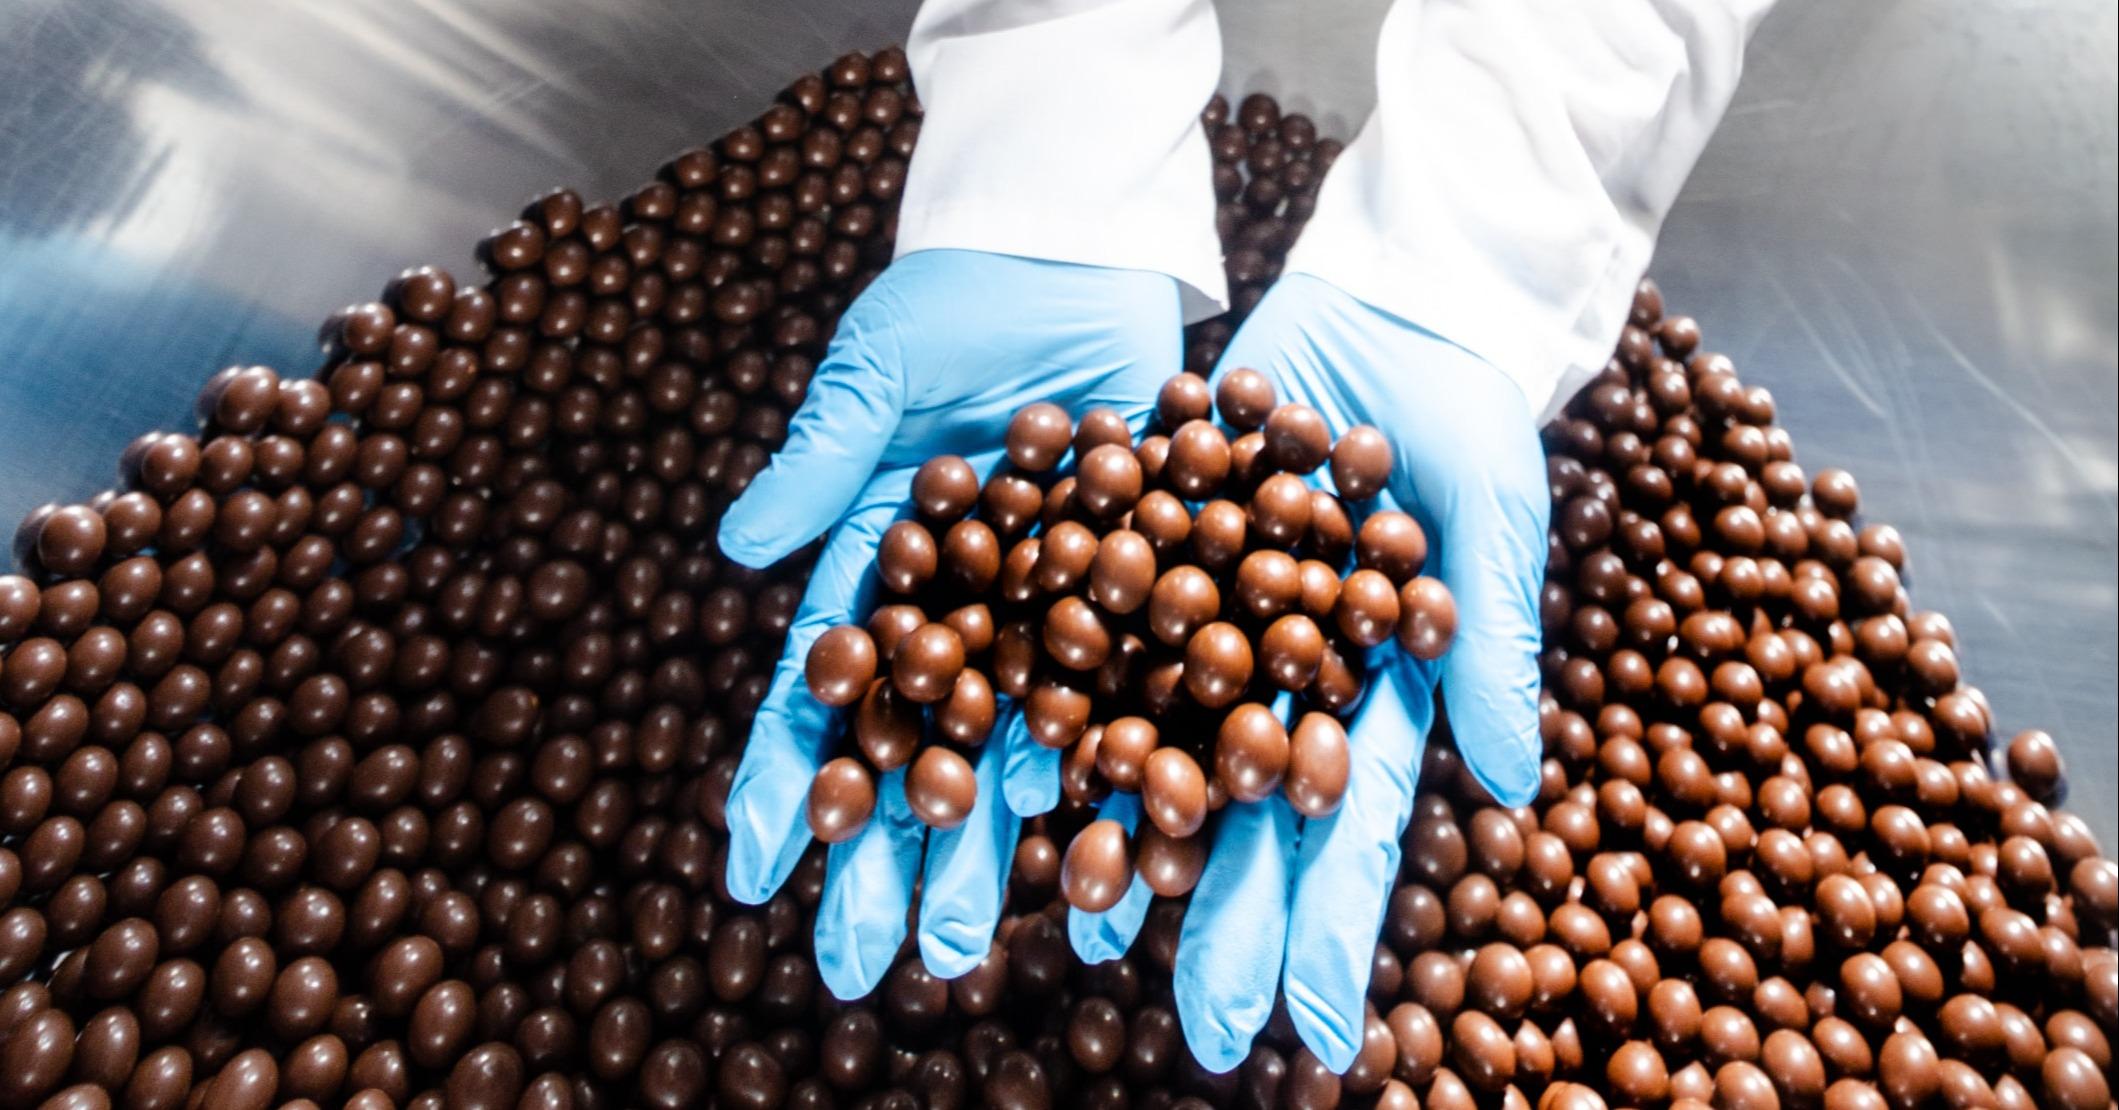 improving profit margins in food industry